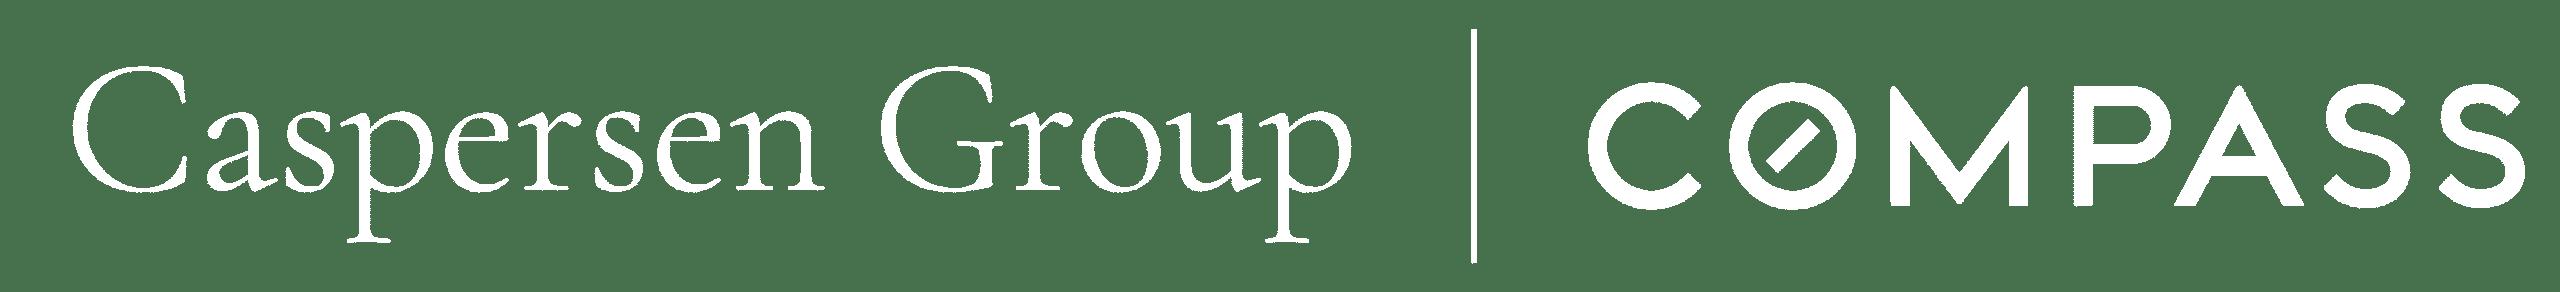 Caspersen Group